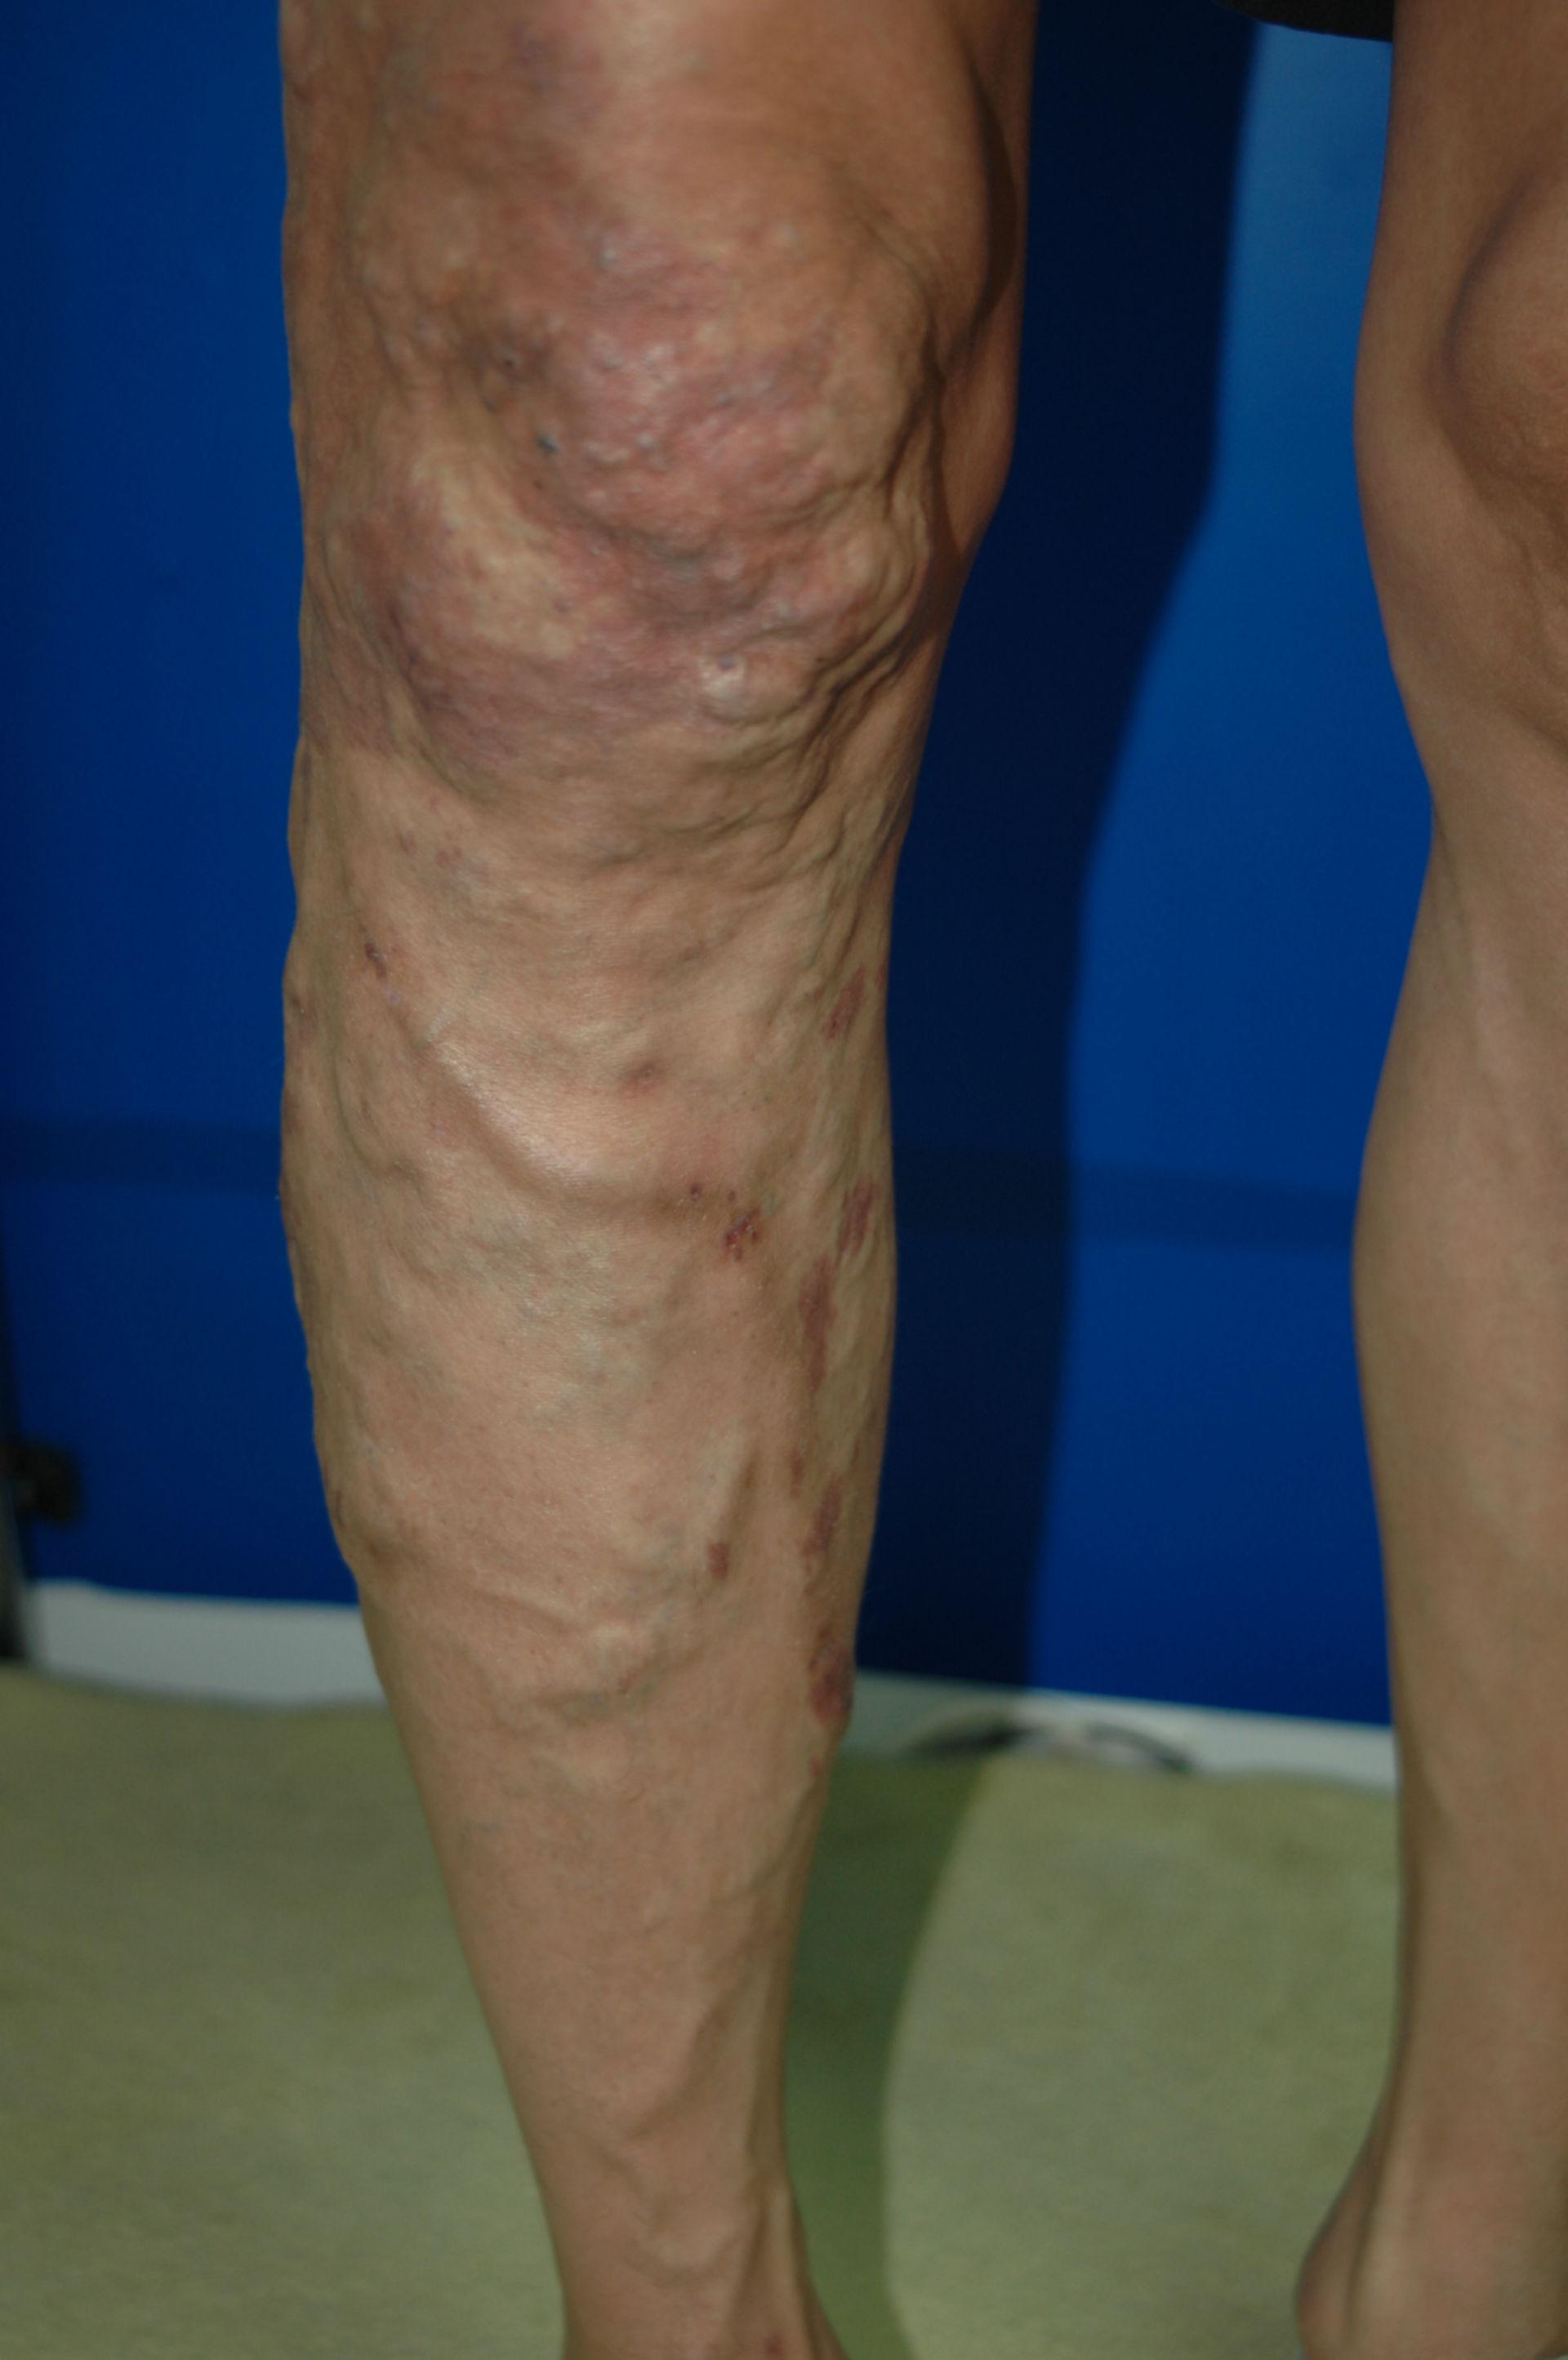 Klippel-Trénaunay-Syndrom postop. Aufnahme von Dr. Ykshim 3